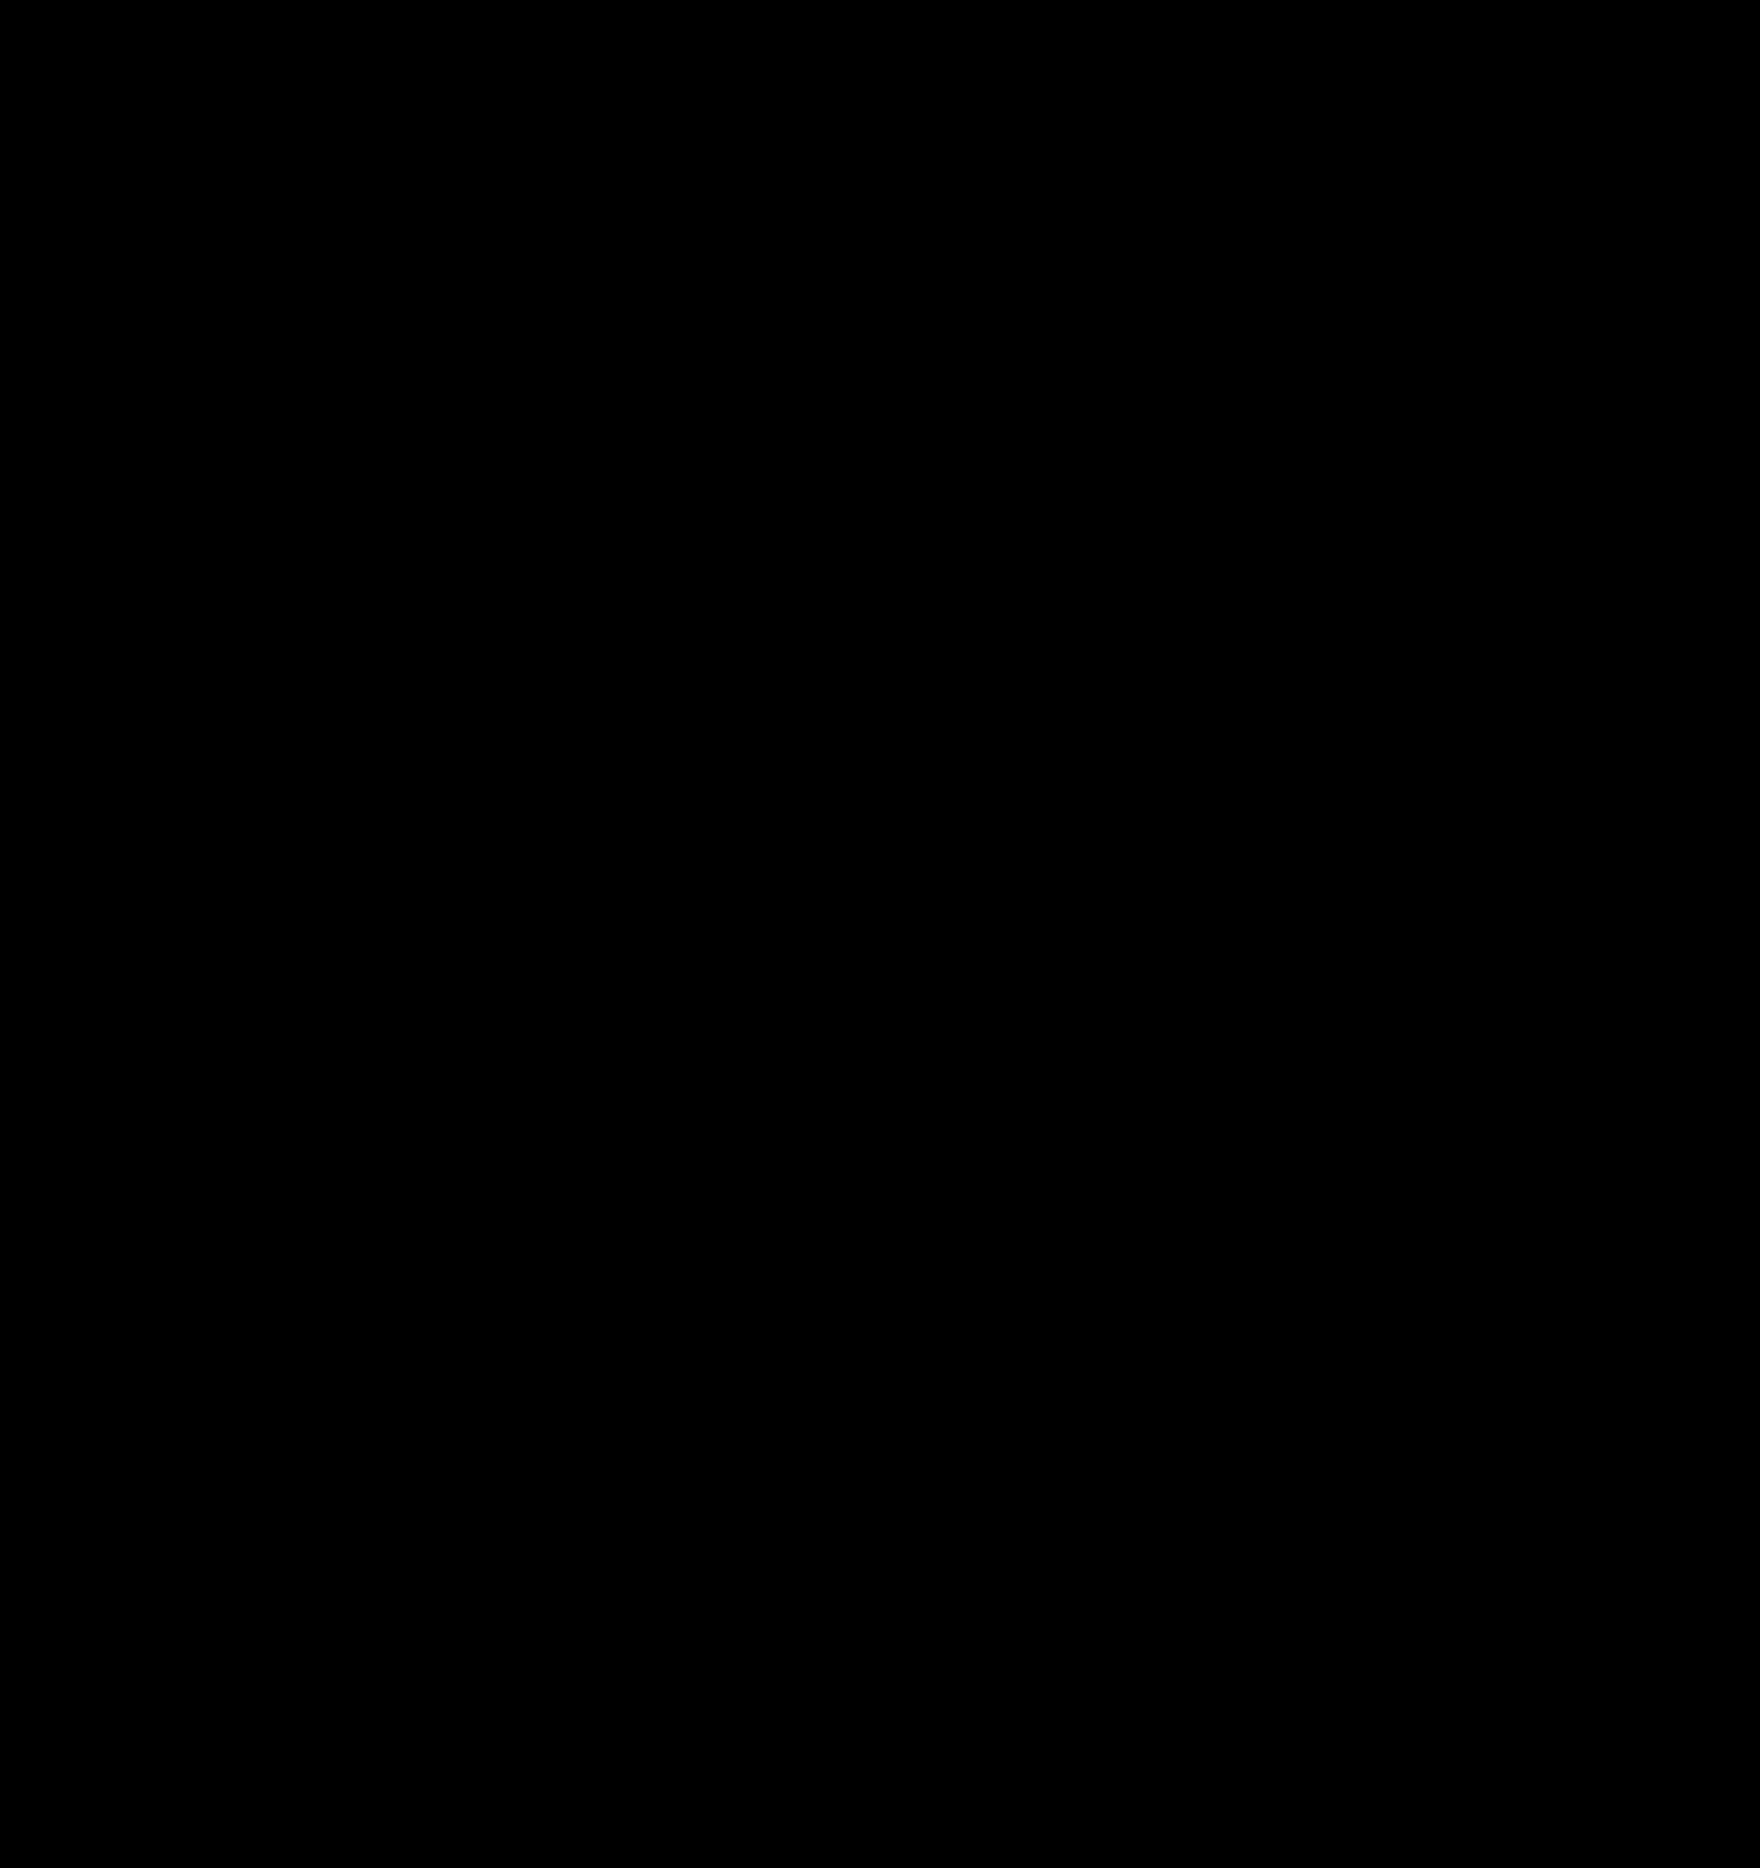 Spot LED, 3-STEP DIM